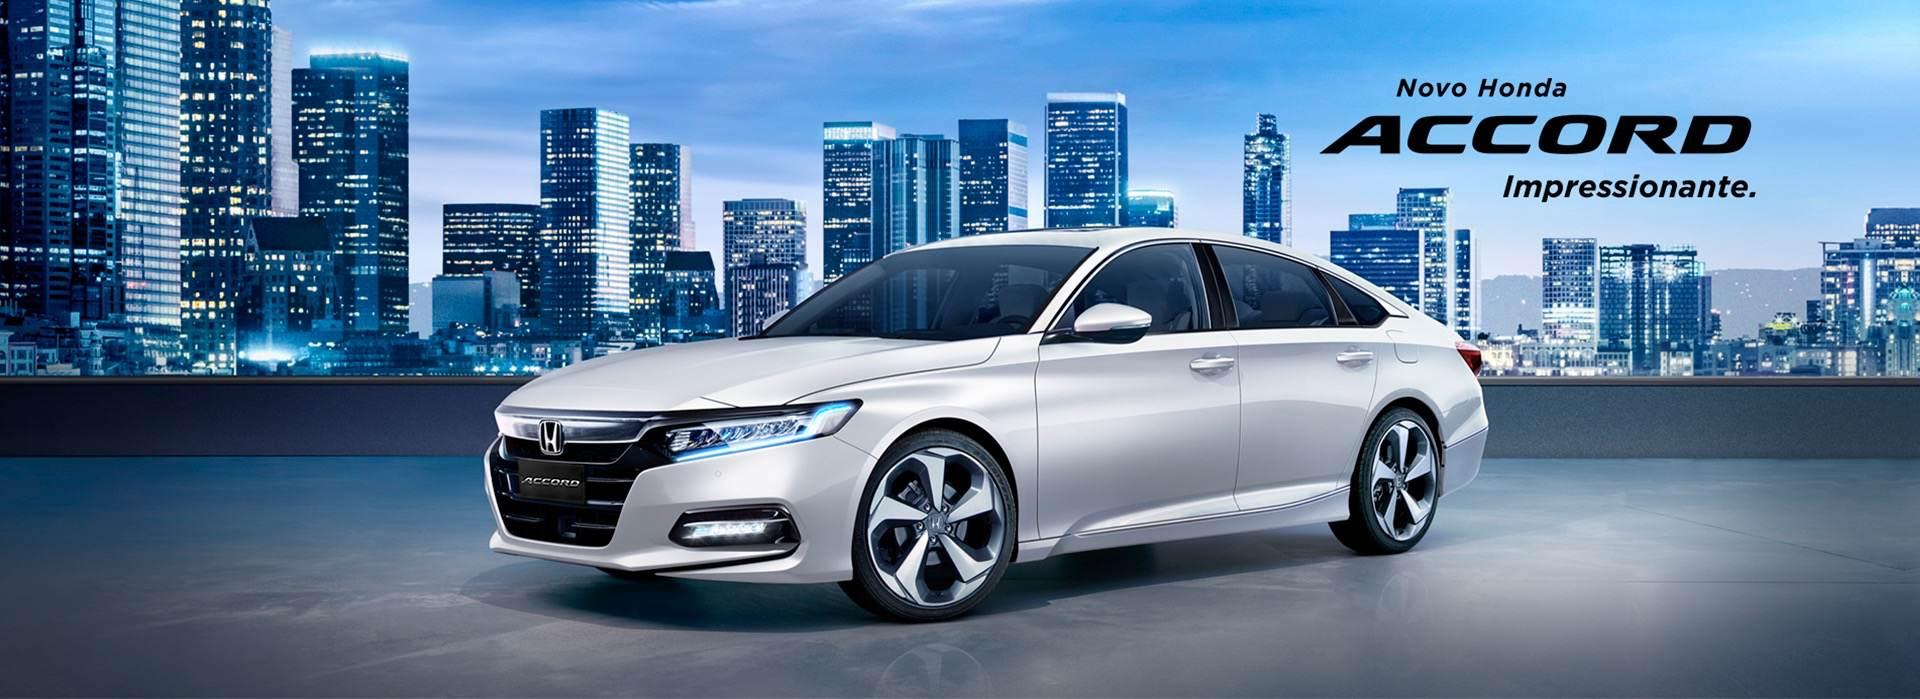 Honda Accord - Honda Gendai - Você na direção certa - Criciúma, Tubarão e Araranguá